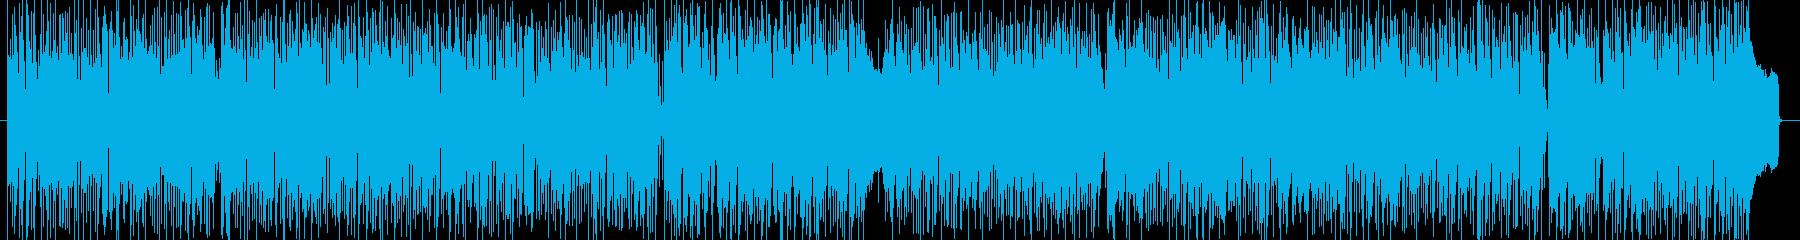 おしゃれなリラックス系ボサノバの再生済みの波形